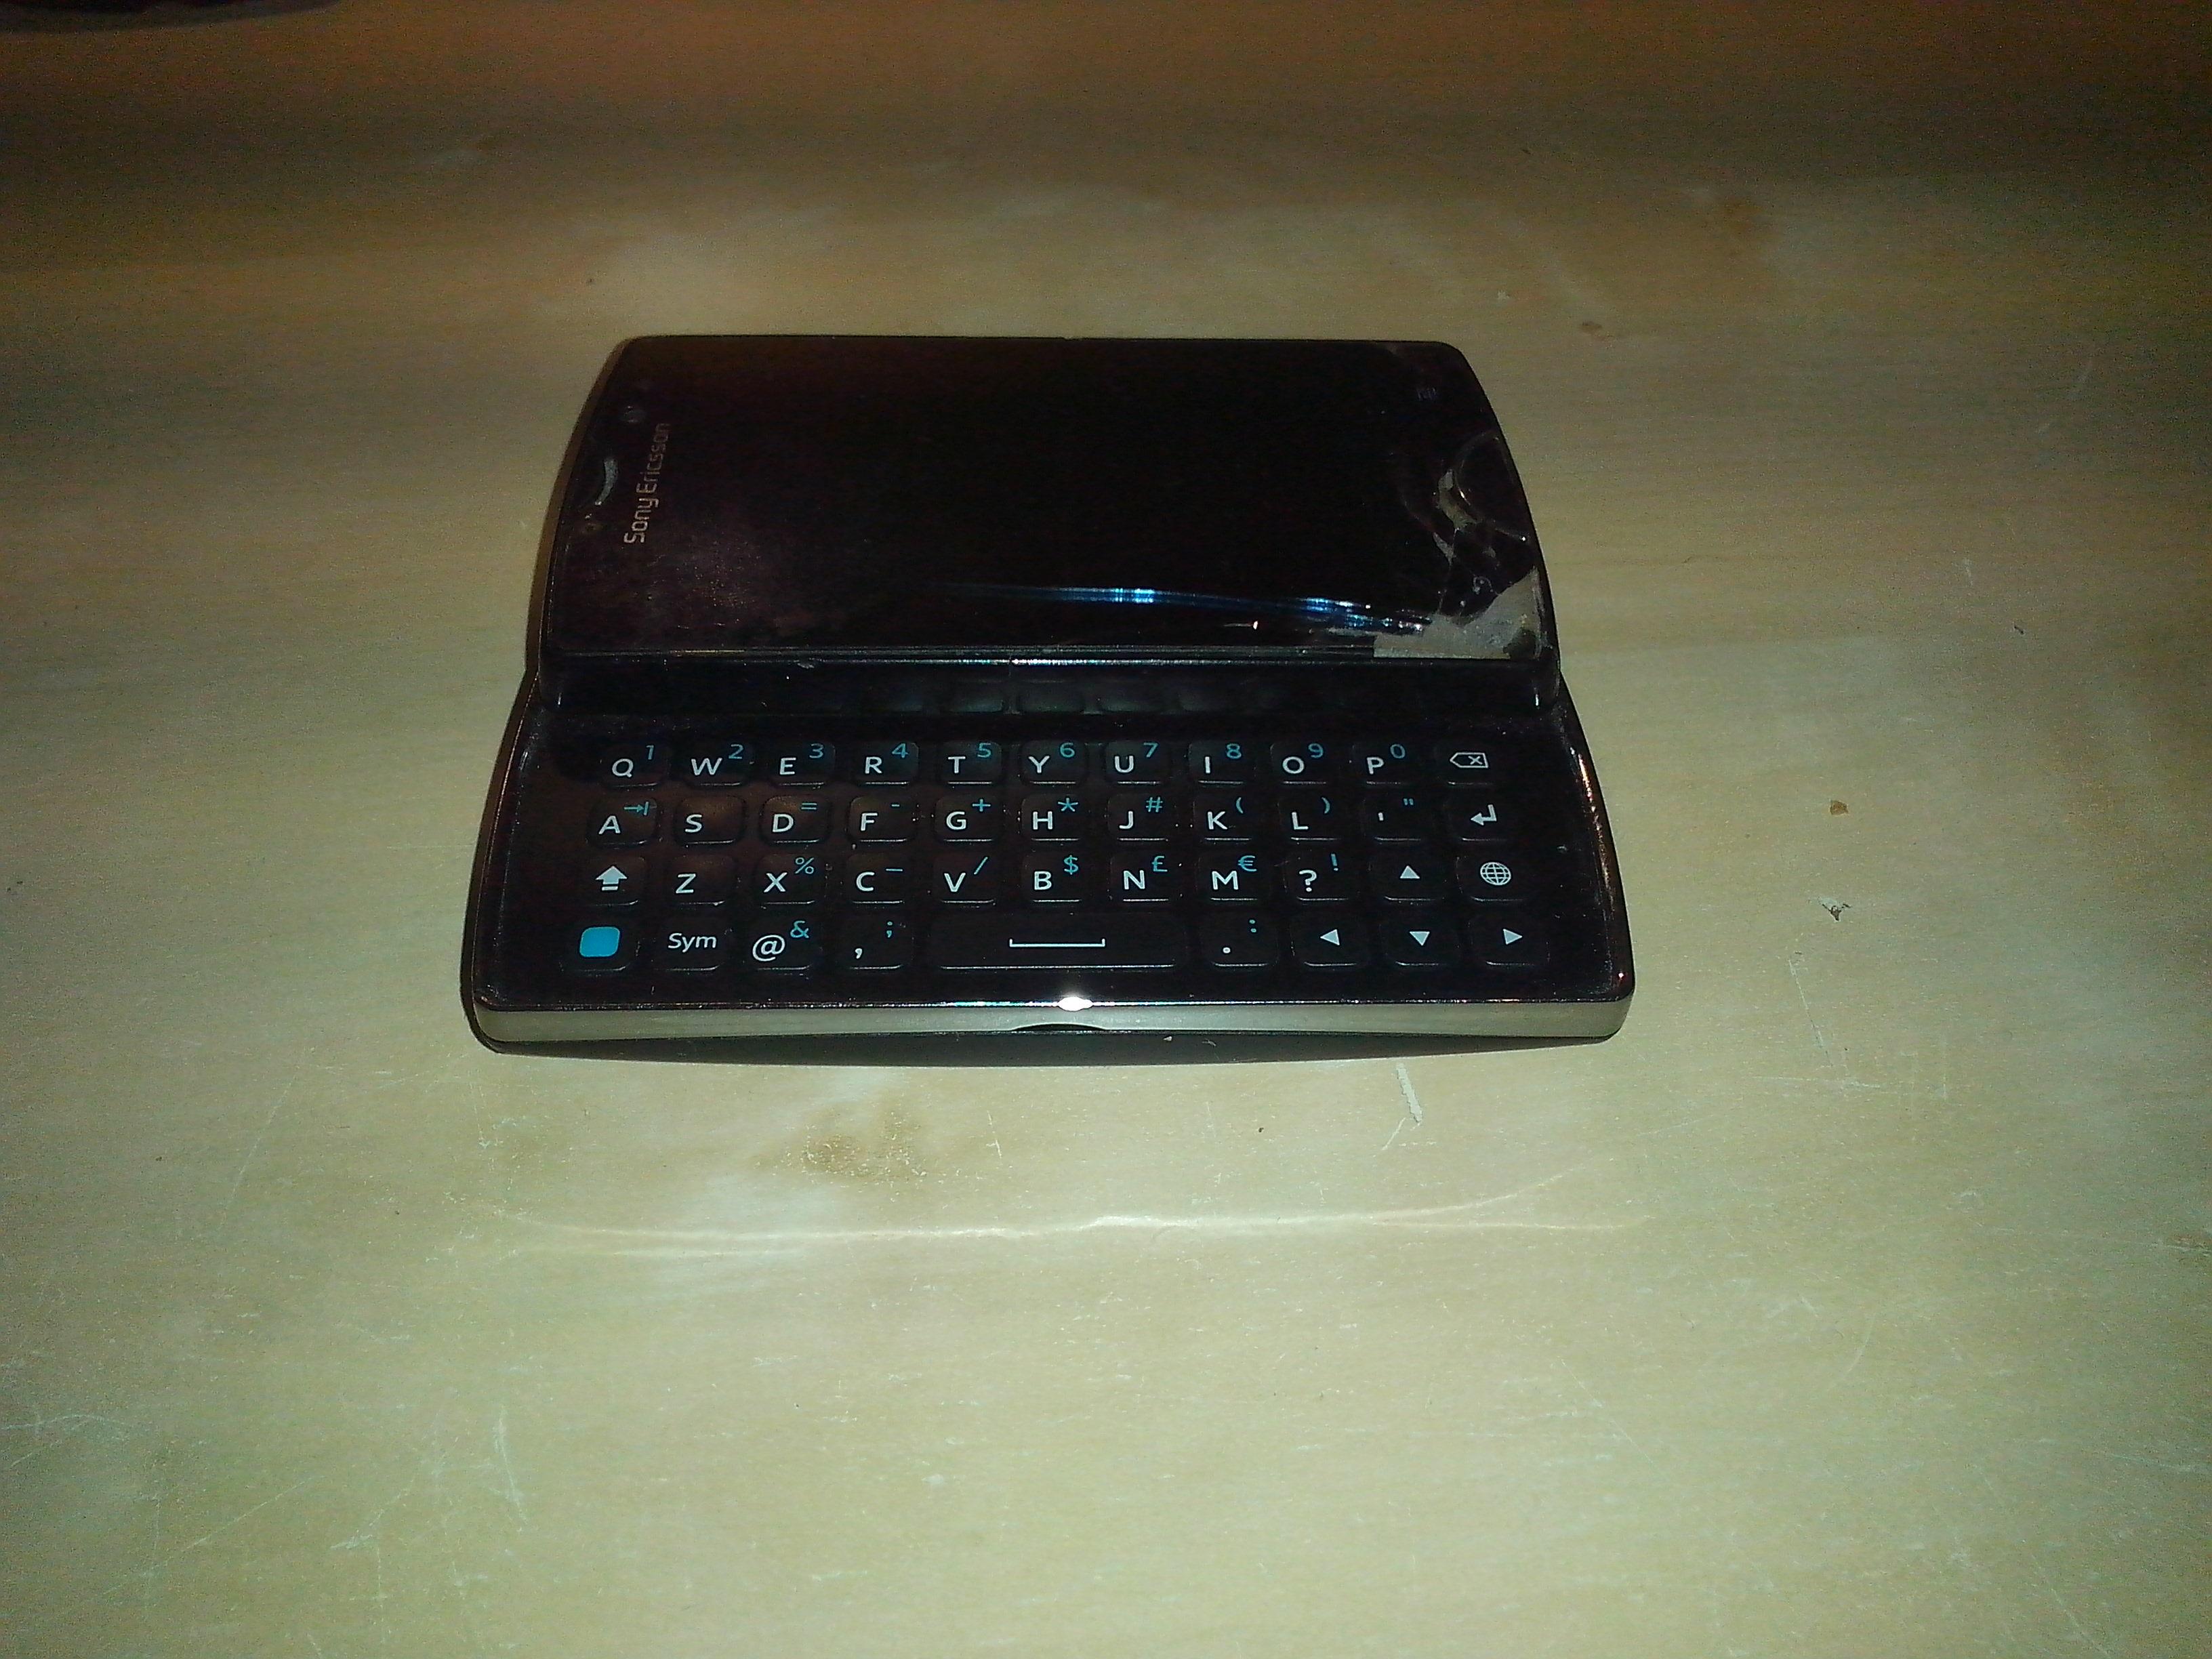 [Sprzedam] Sony Ericsson Xperia Mini Pro SK17i Uszkodzony wy�wietlacz